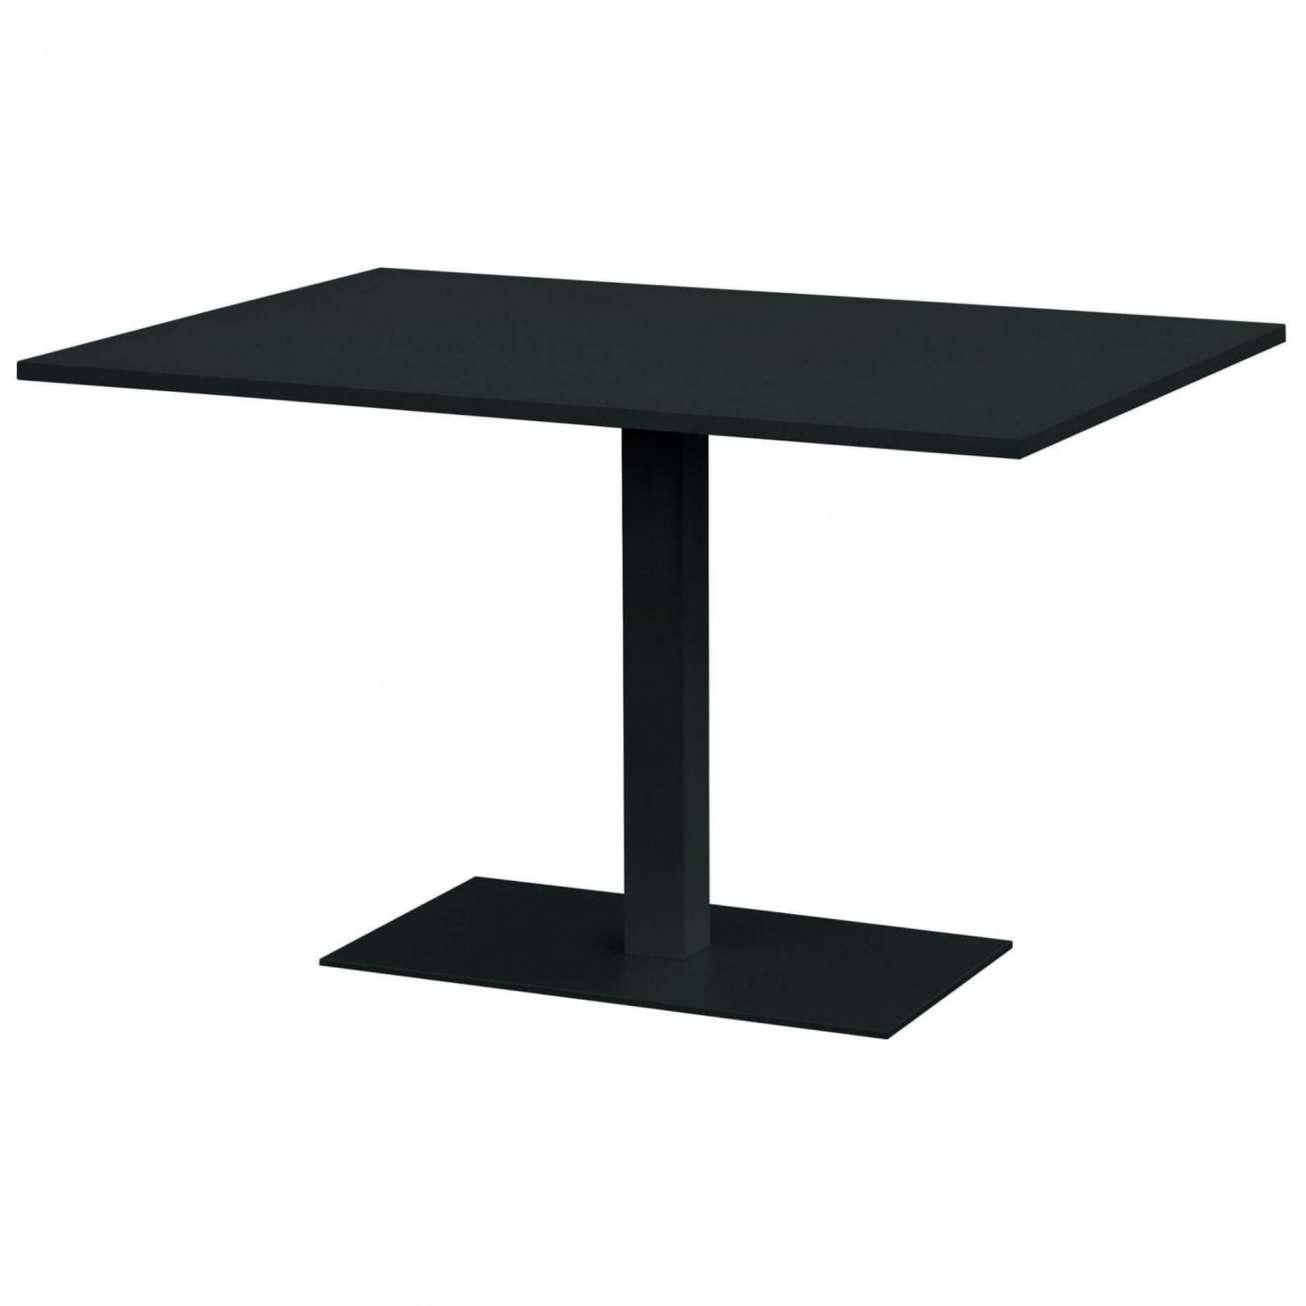 Gardenart bord i sort farge med mål 120x80x73 cm